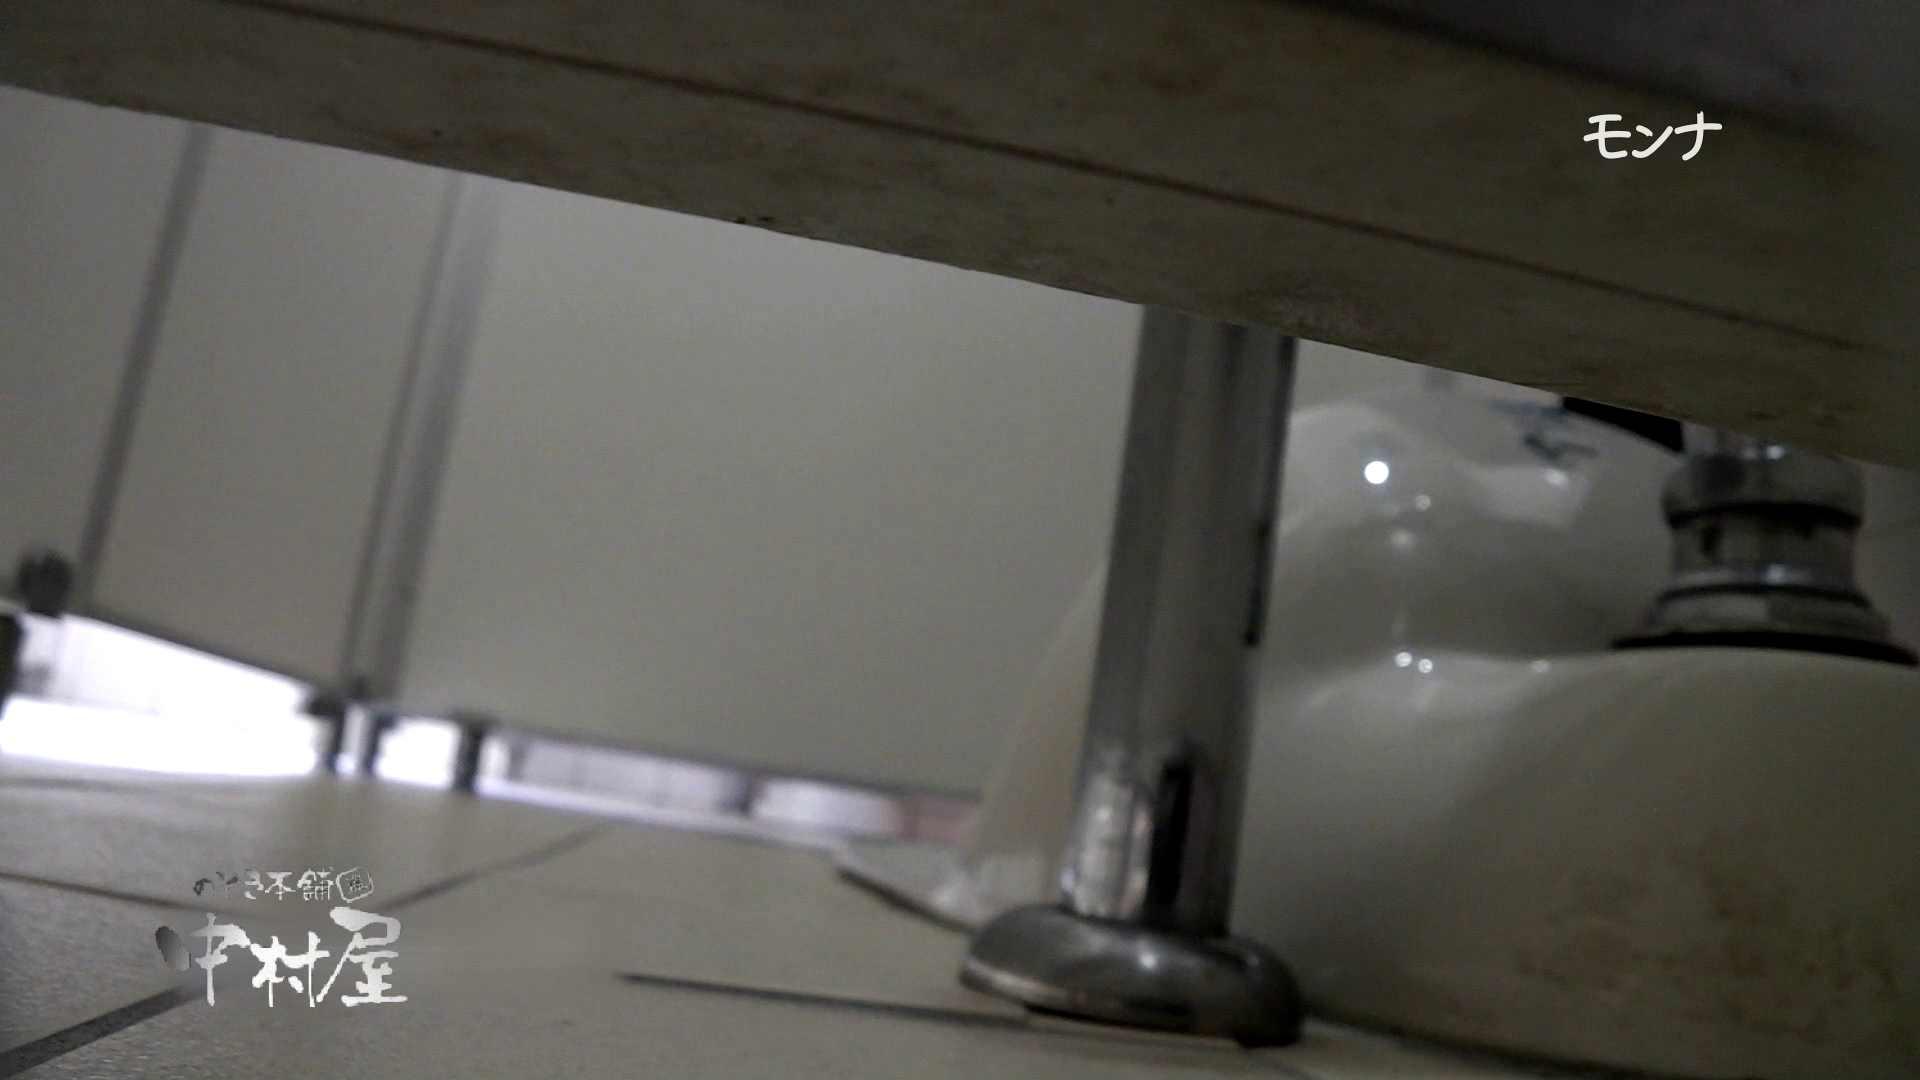 【美しい日本の未来】新学期!!下半身中心に攻めてます美女可愛い女子悪戯盗satuトイレ後編 0  40連発 38